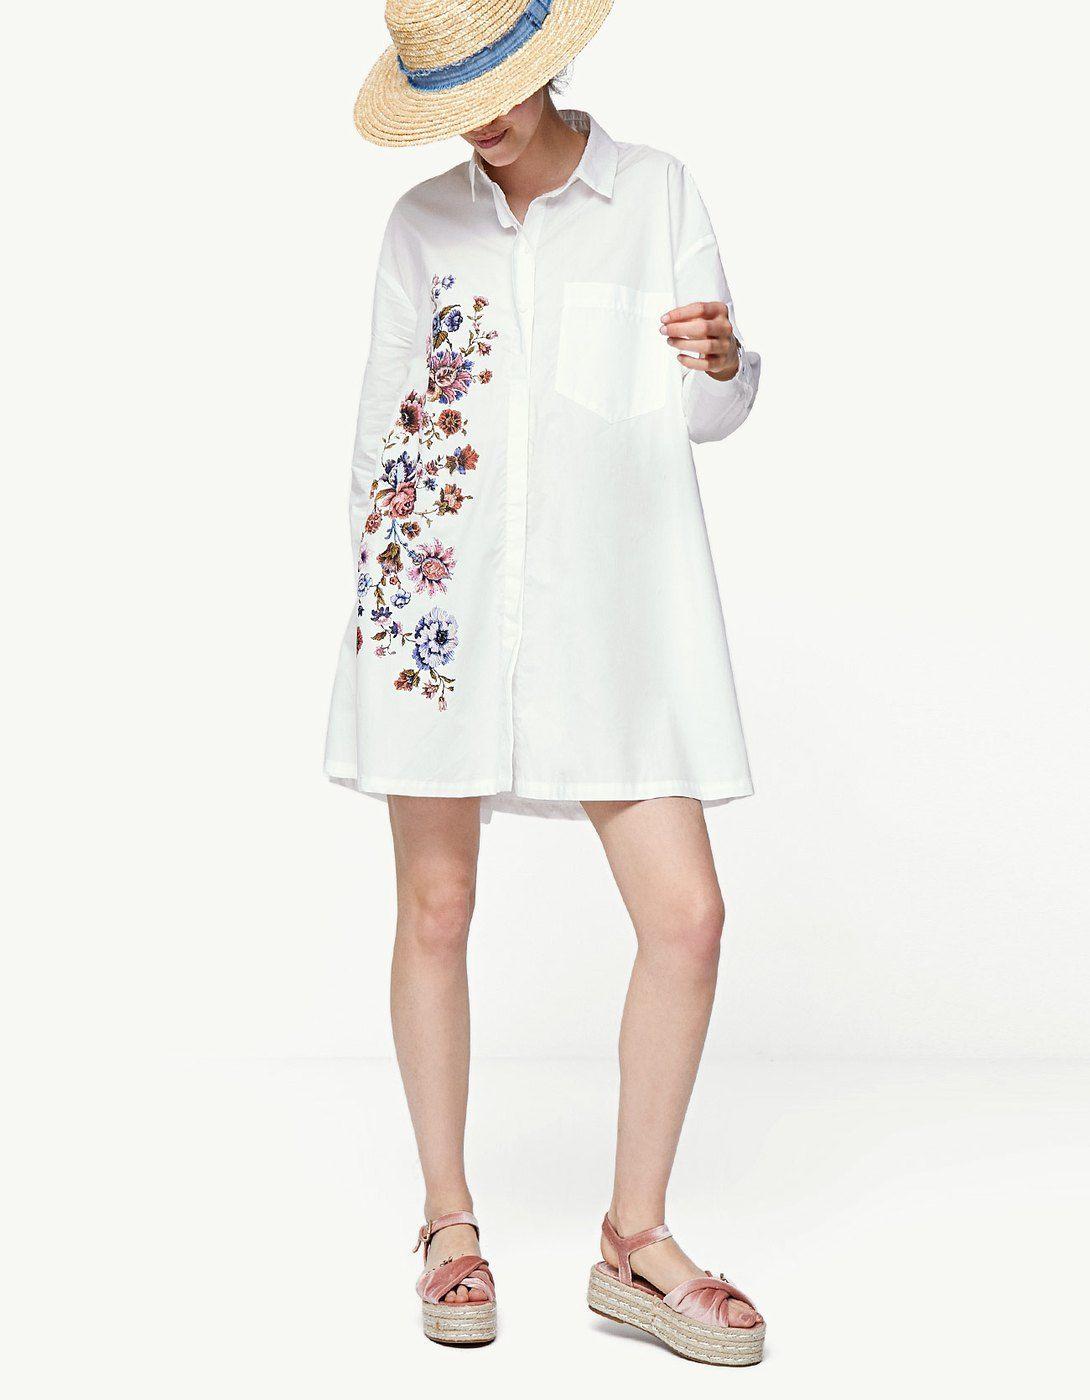 3e9d67dd65 Vestido camiseiro bordado - Vestidos